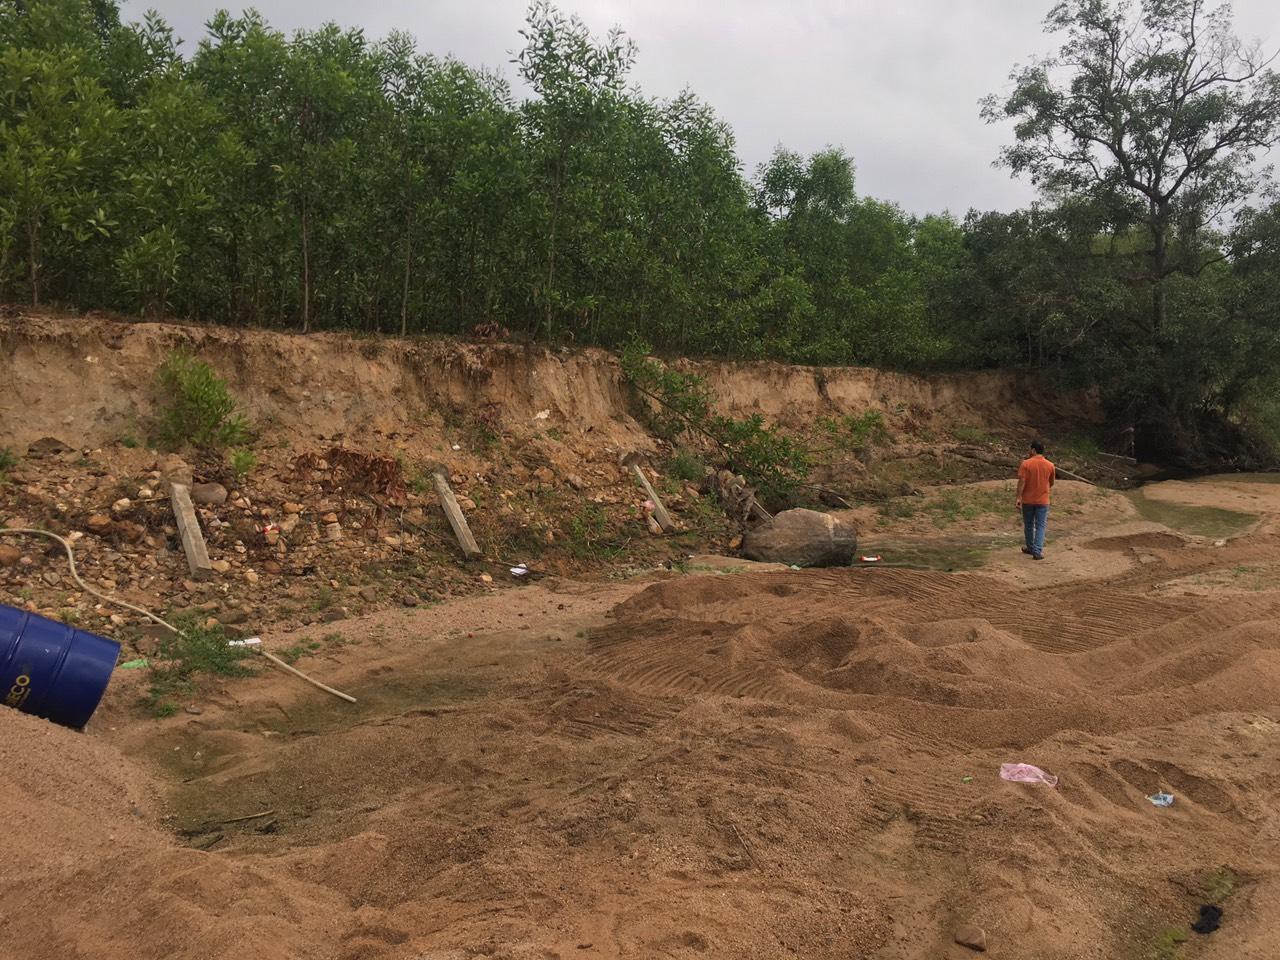 Nhiều đoạn bờ sông gần mỏ cát bị sạt lở nghiêm trọng